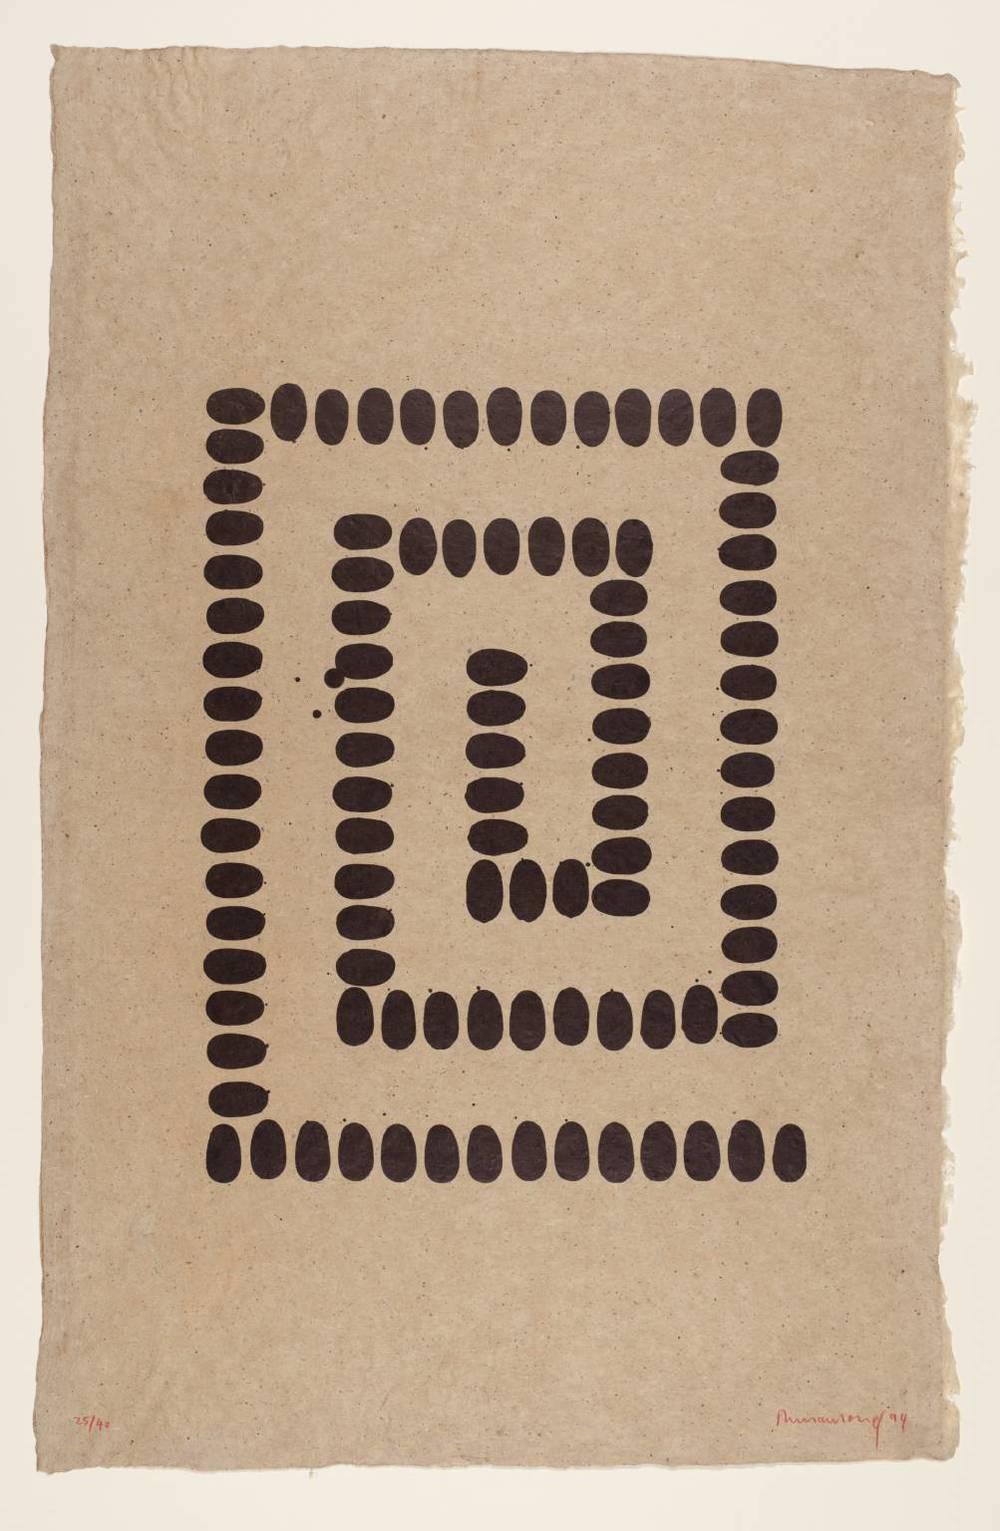 richardlongfingerprint